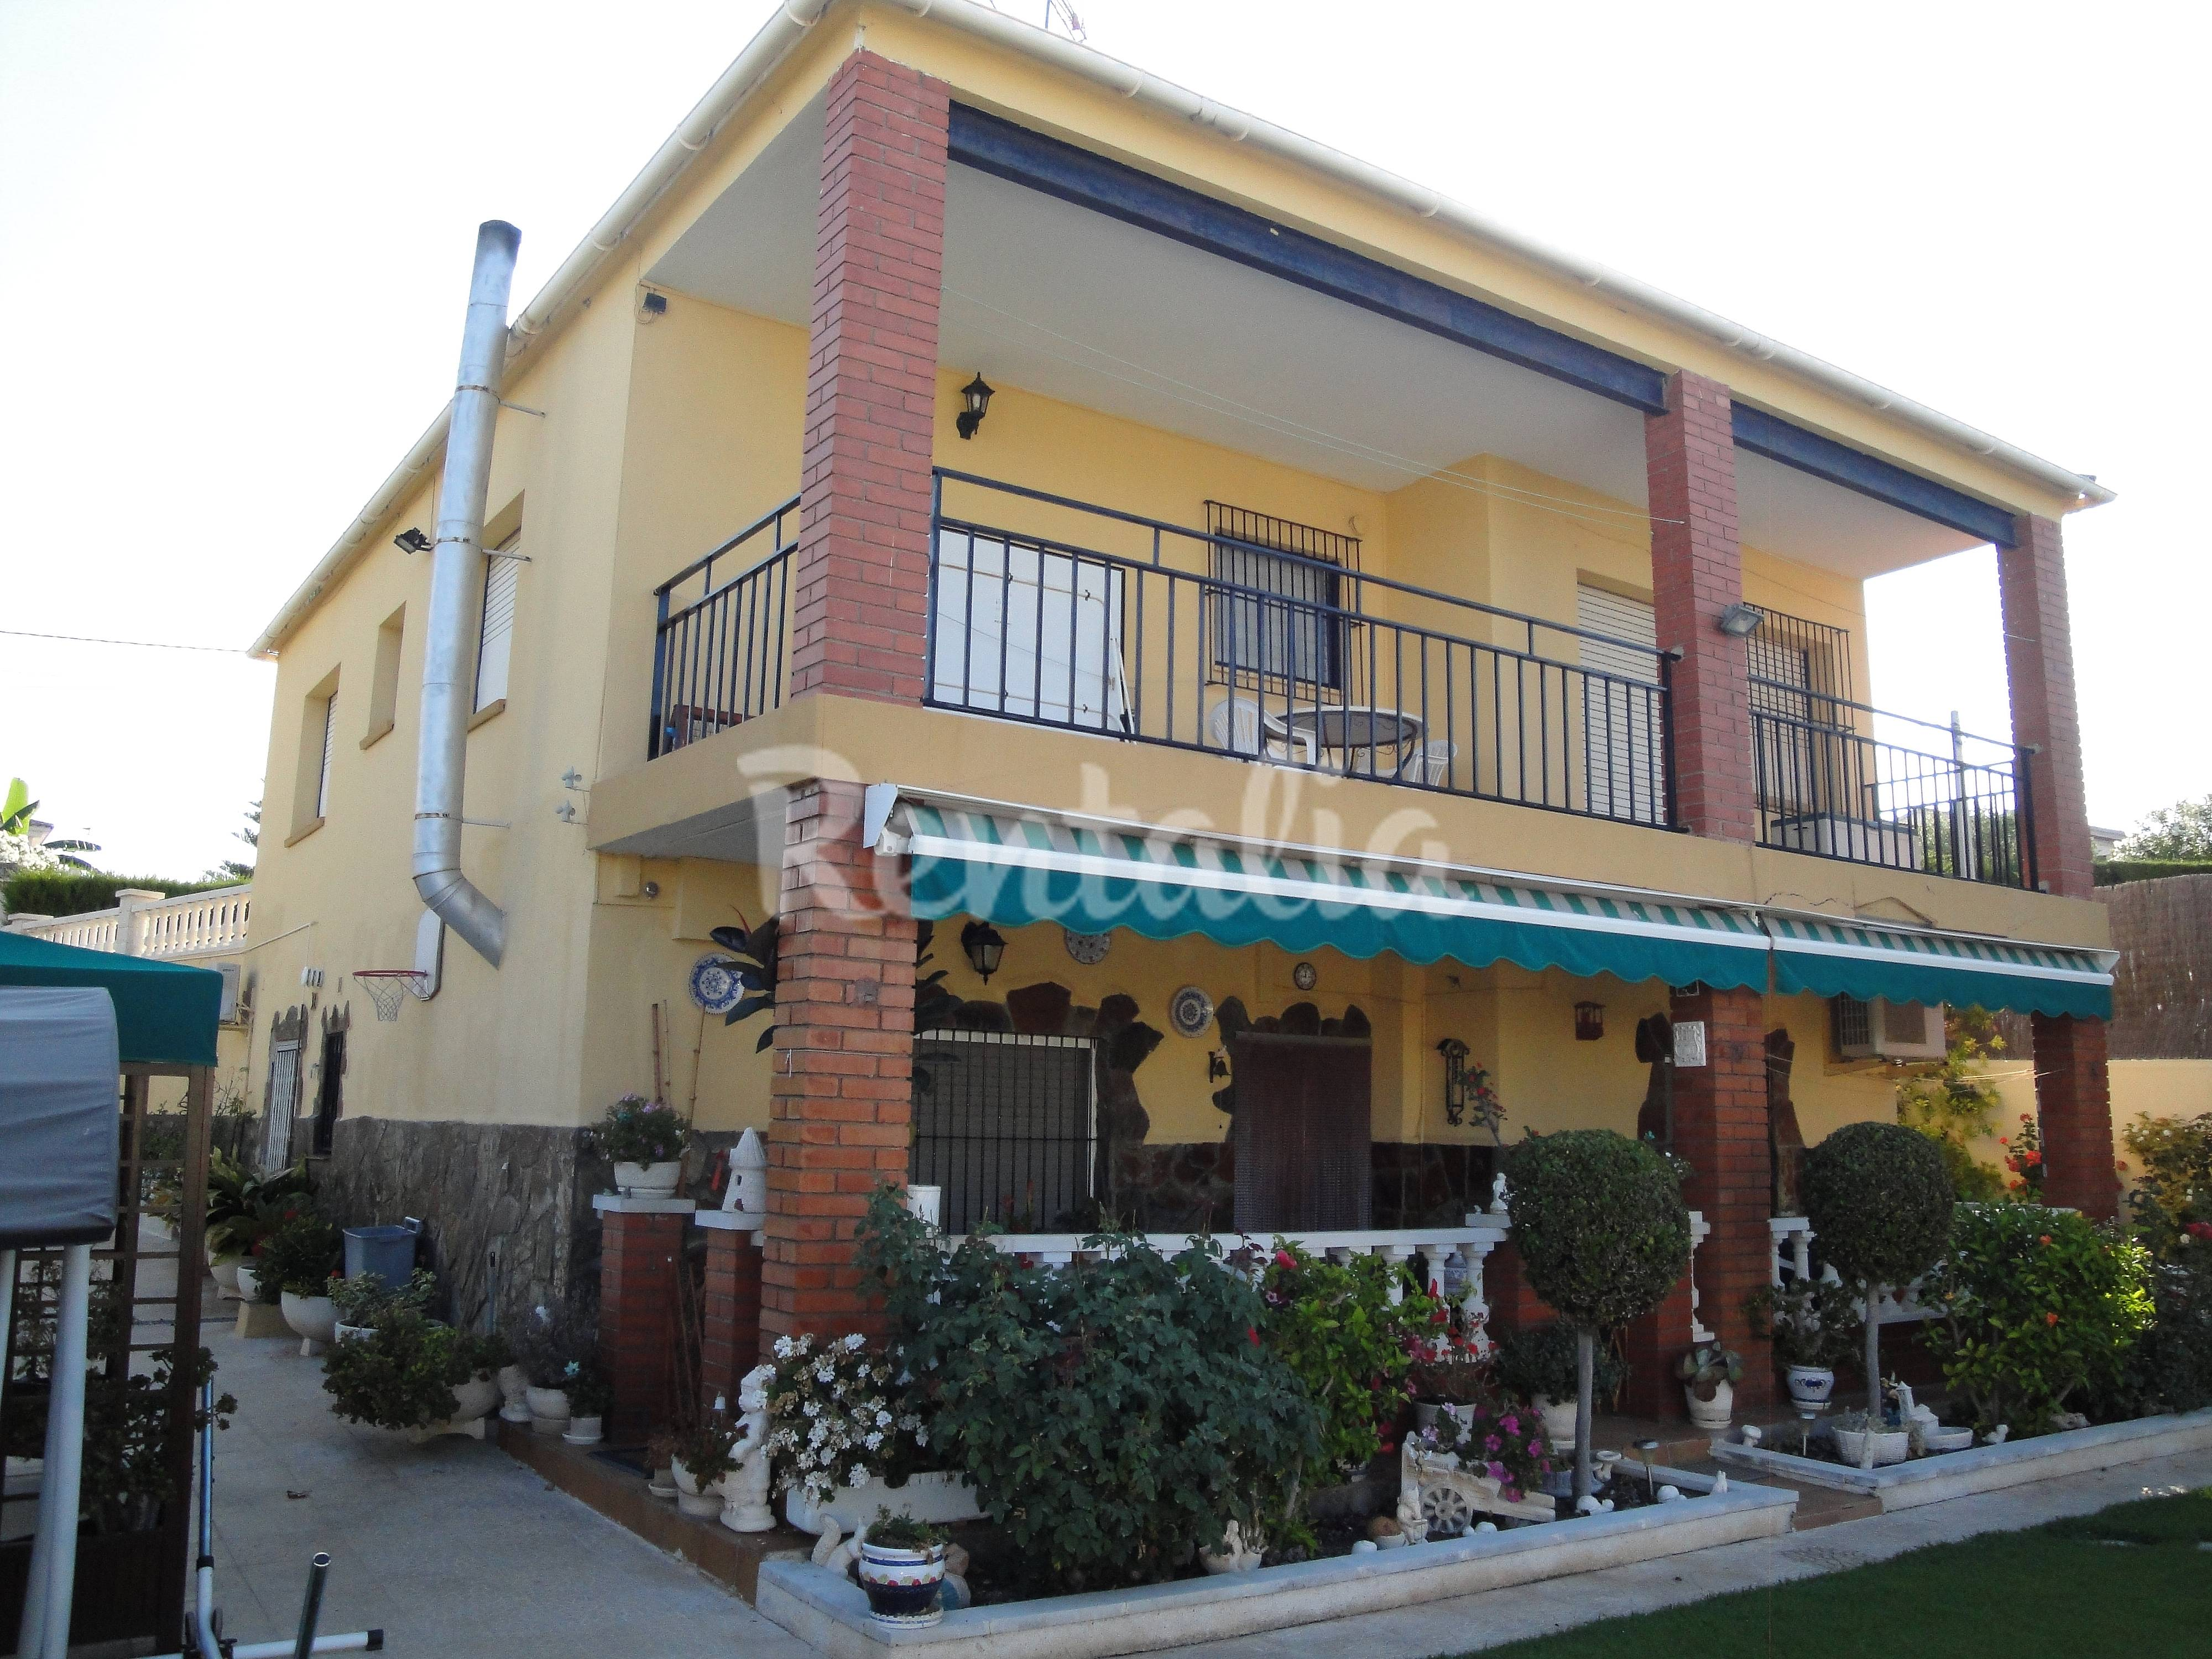 Alquiler vacaciones apartamentos y casas rurales en tarragona catalu a - Alquiler casa vacaciones tarragona ...